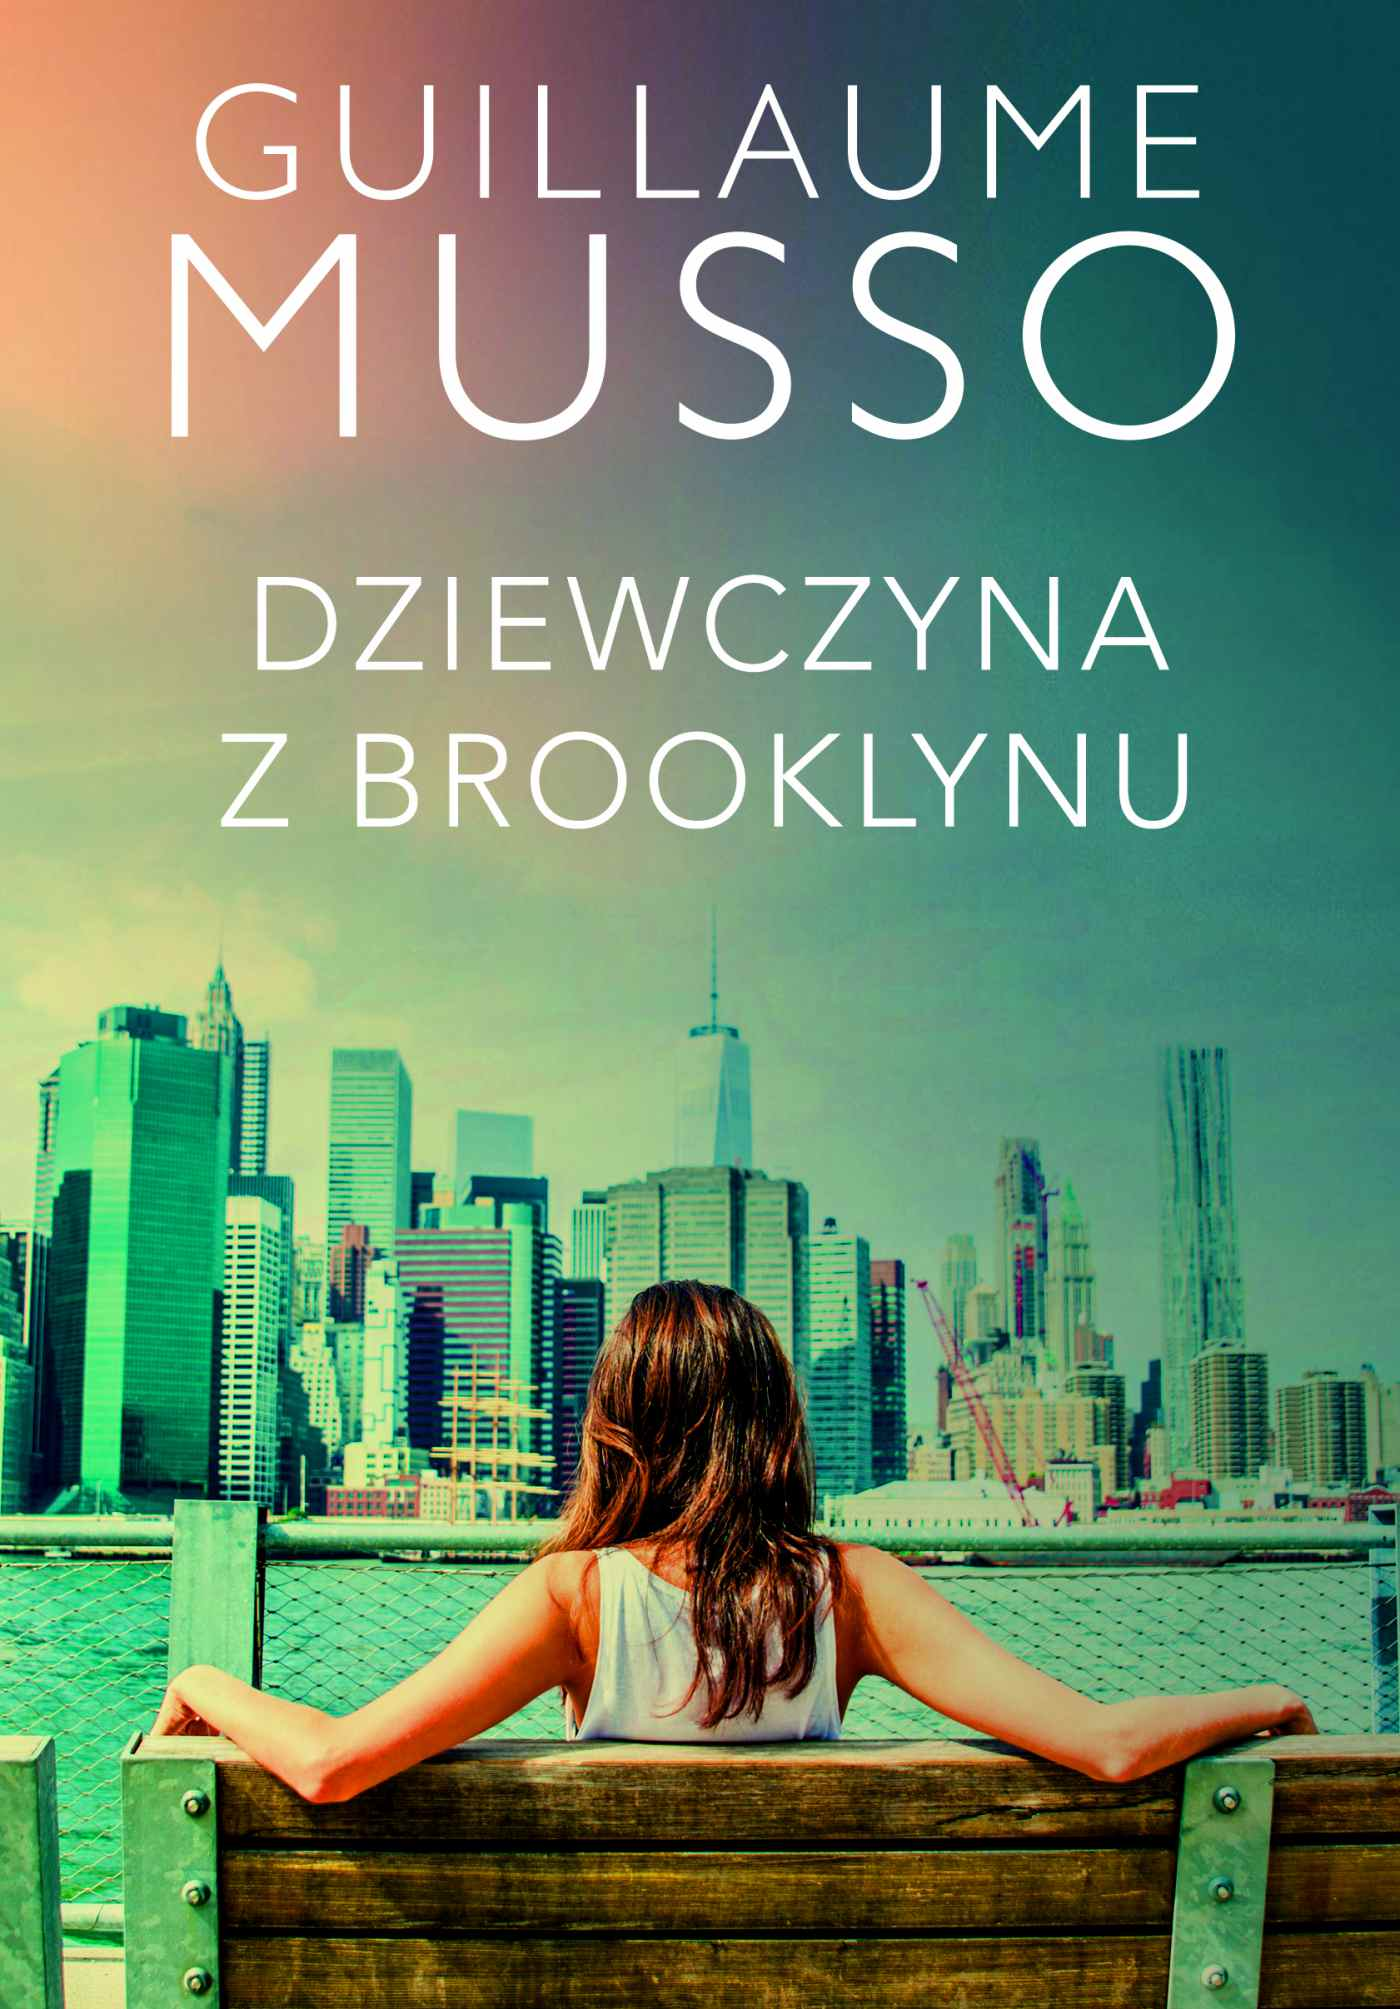 Dziewczyna z Brooklynu - Ebook (Książka EPUB) do pobrania w formacie EPUB